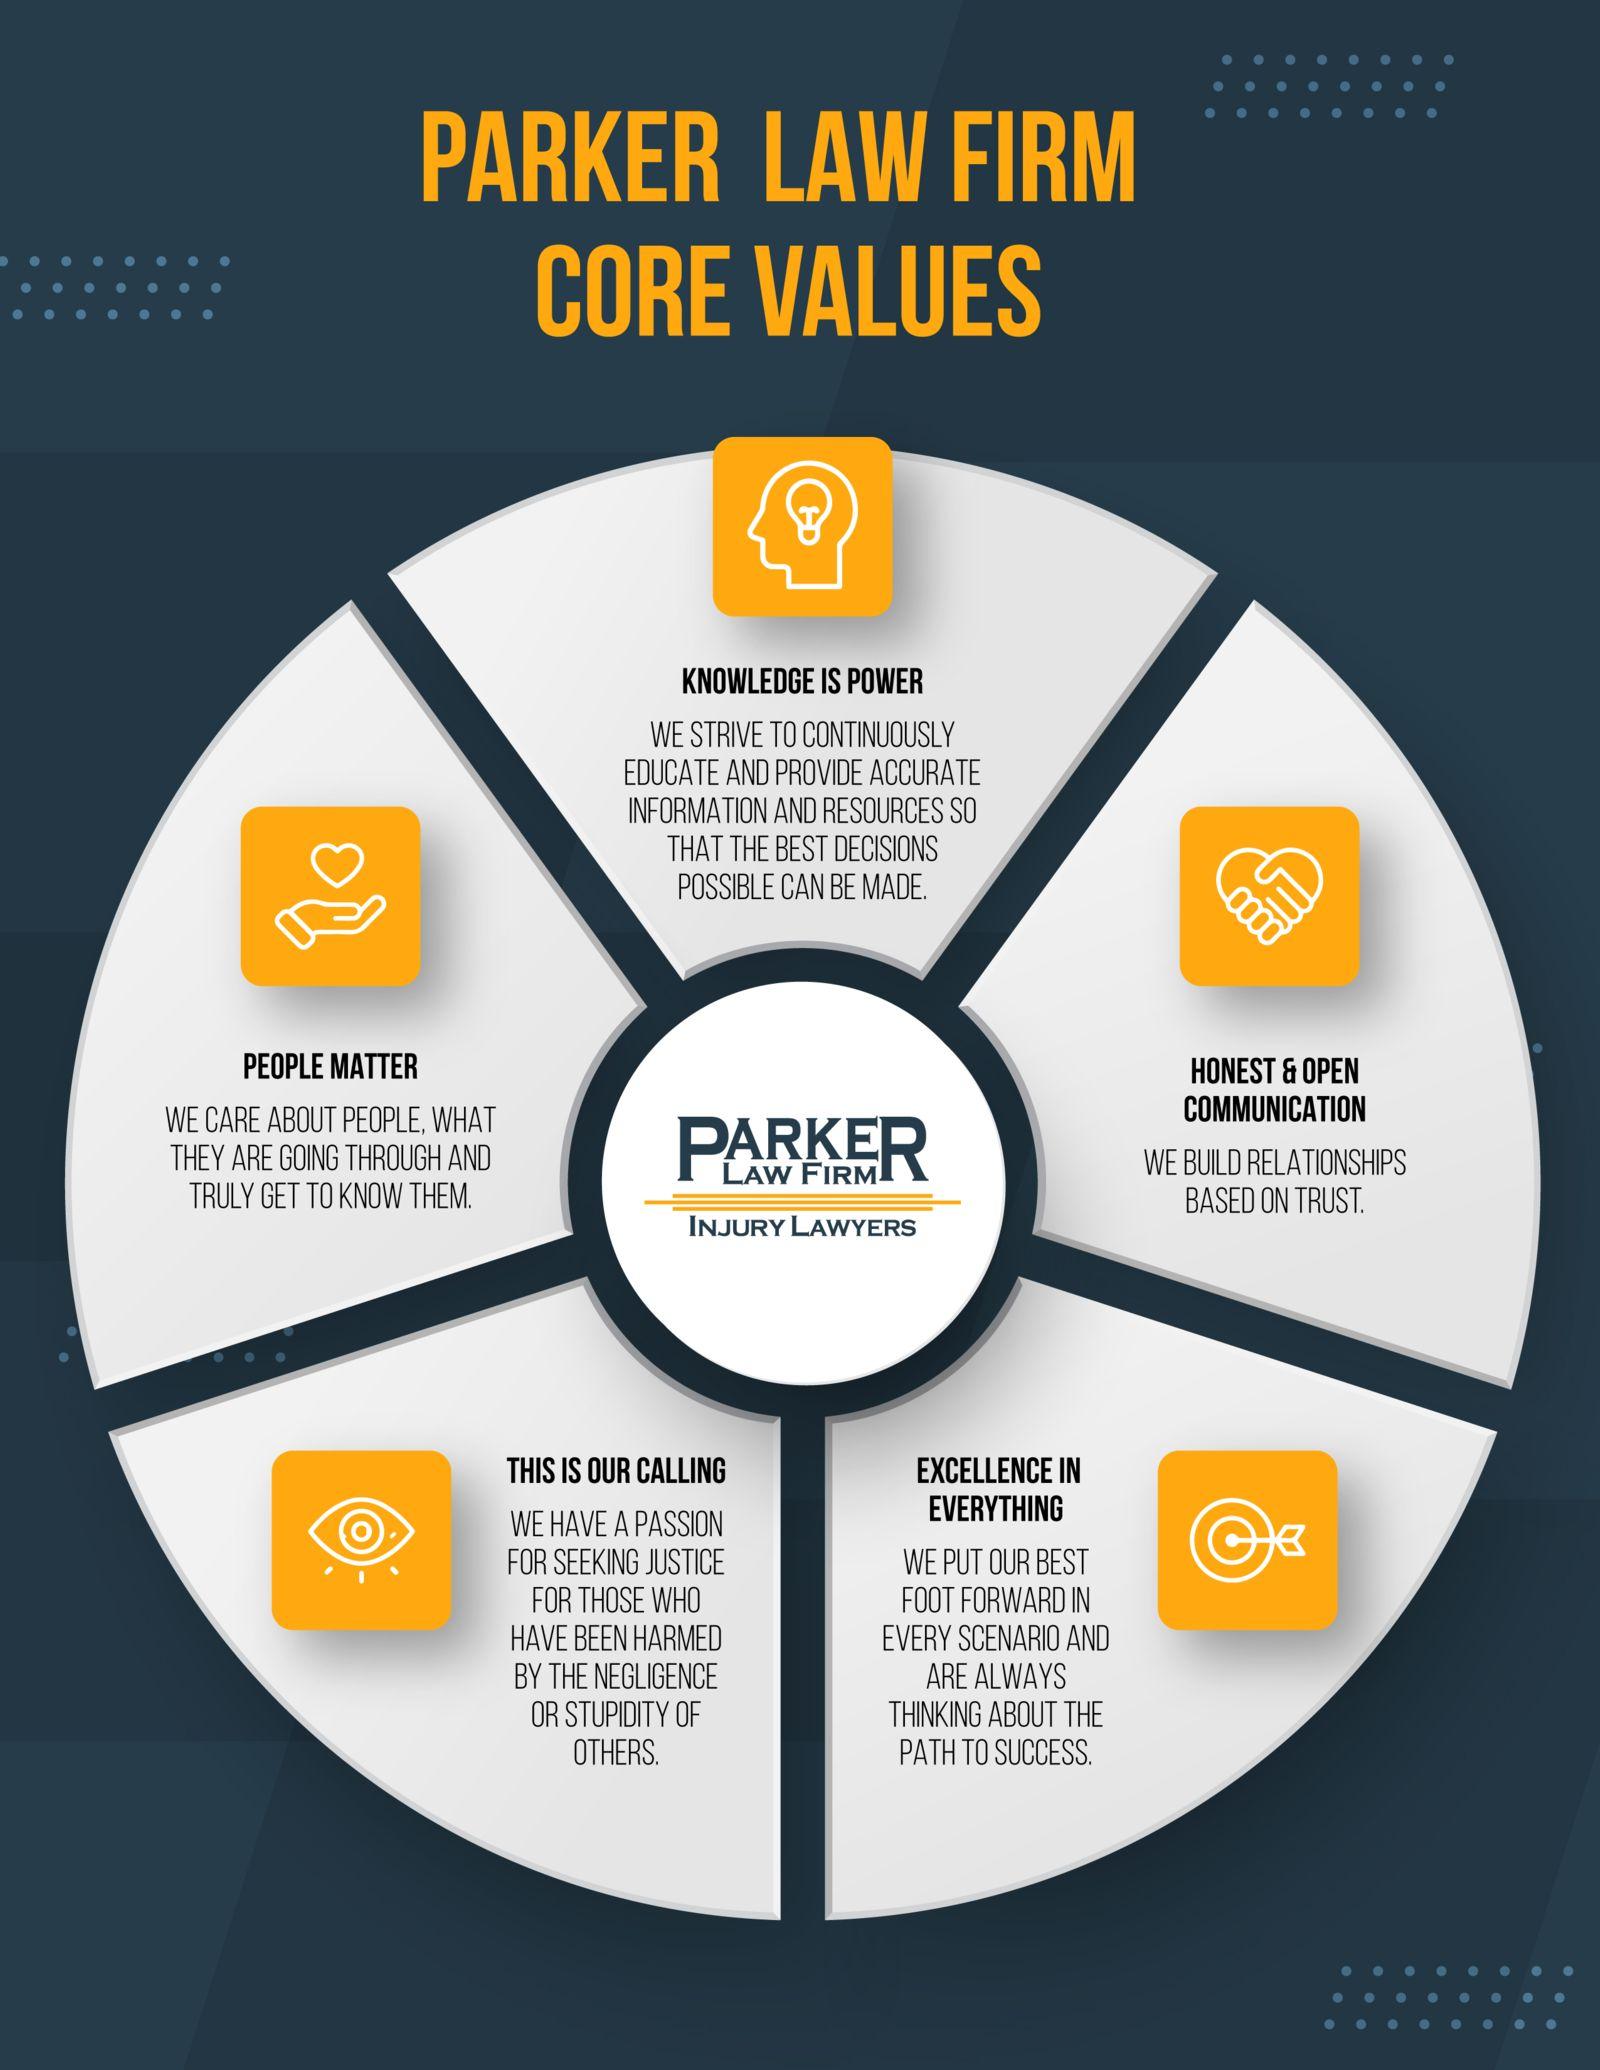 Parker Law Firm Core Values